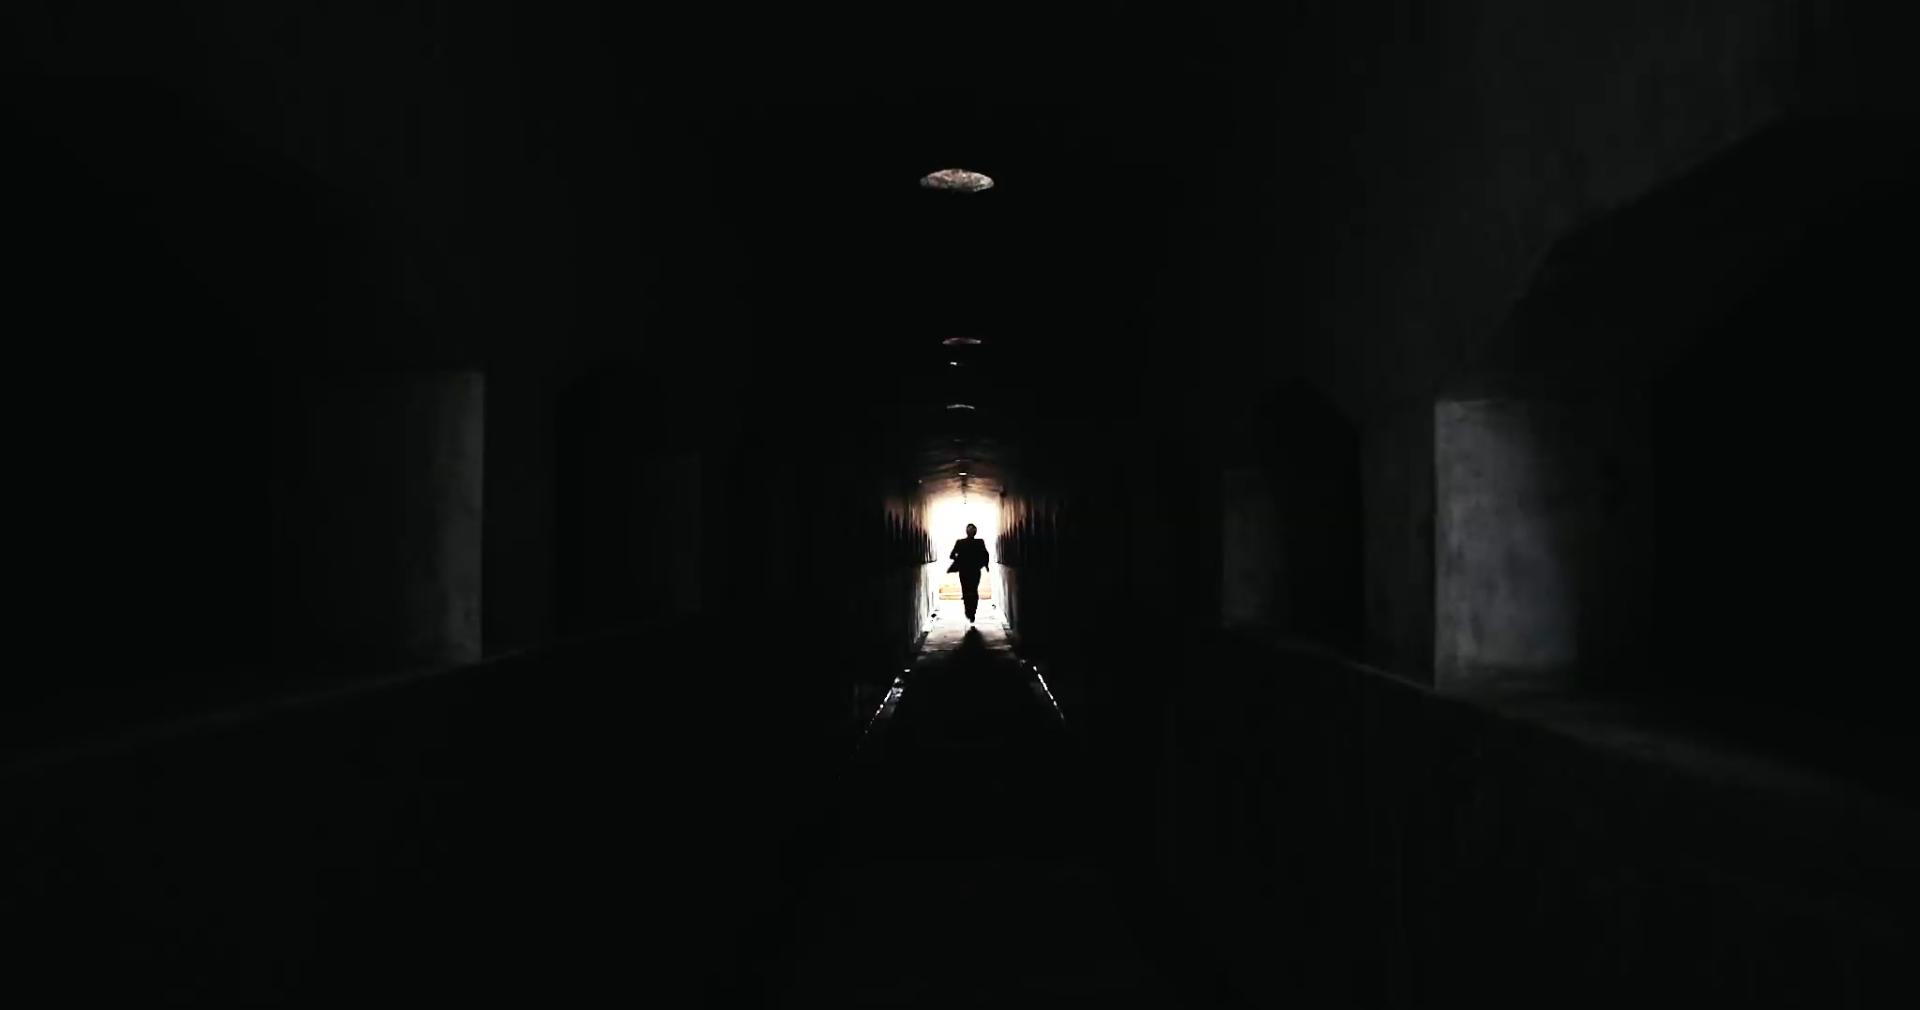 K. rennt durch einen dunklen Durchgang